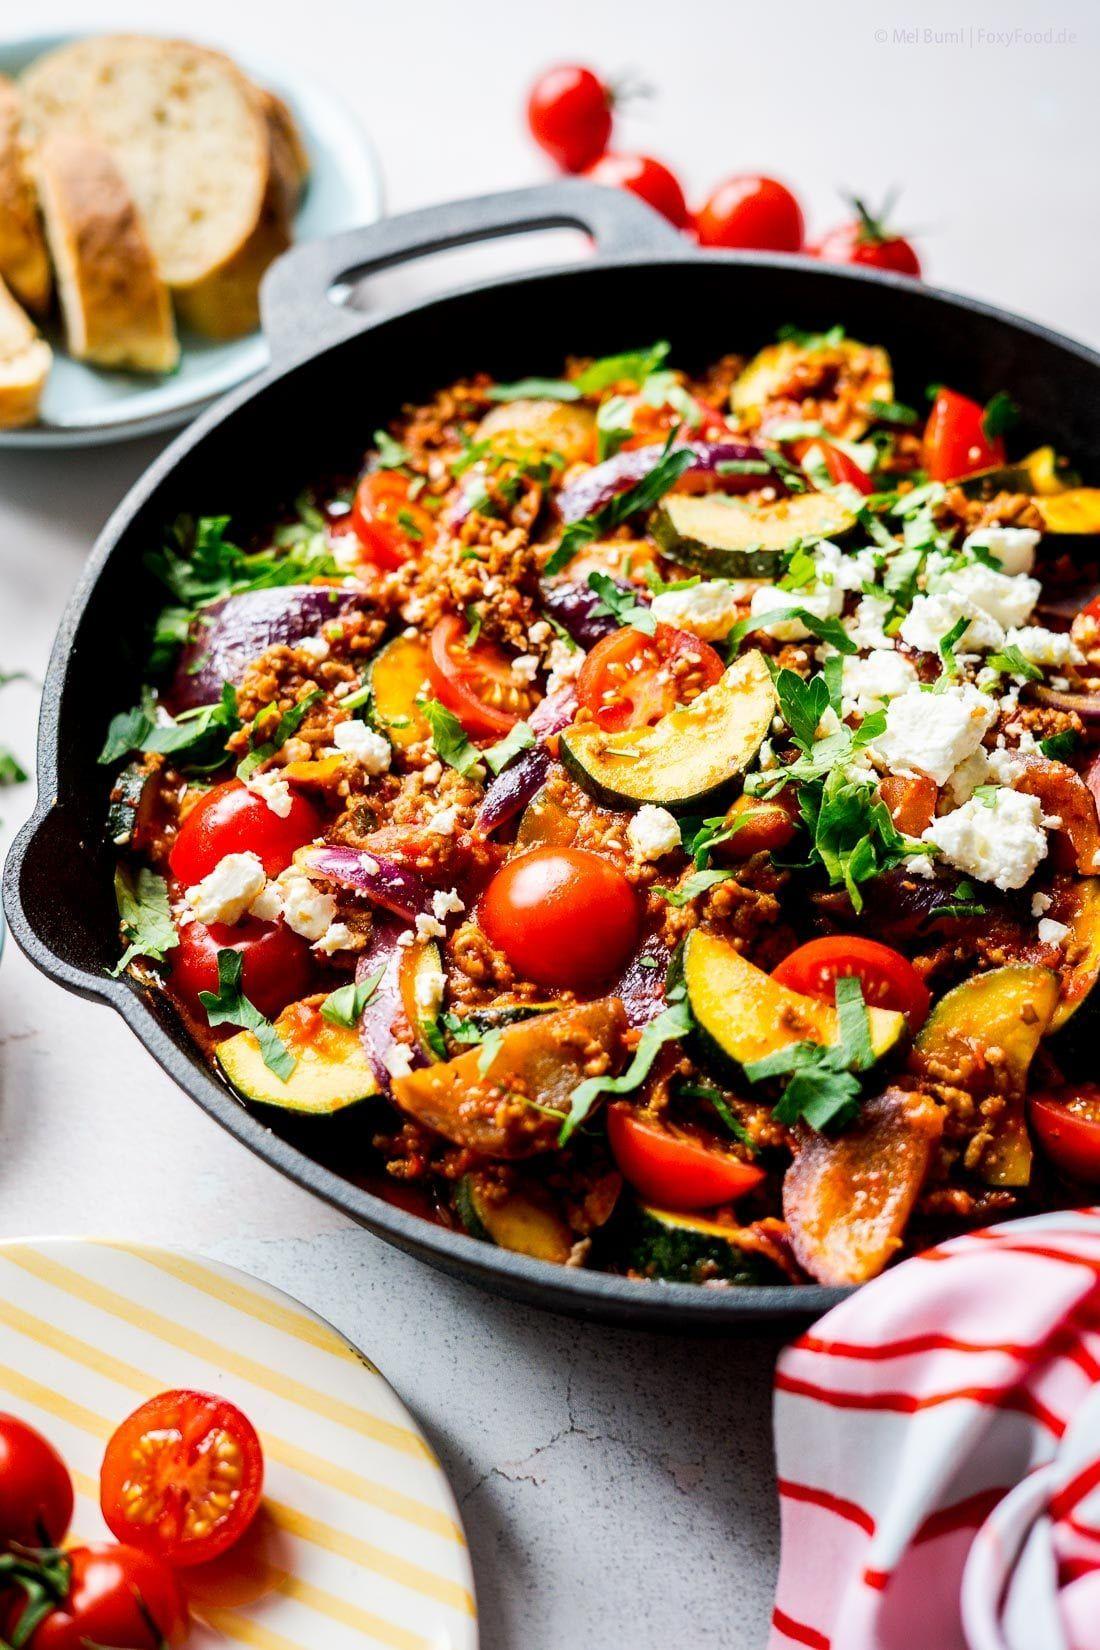 Schnelle Familienküche: Hackpfanne mit Zucchini, Tomaten und Feta. Super mit Reis, Kartoffeln, Nudeln oder Baguette.